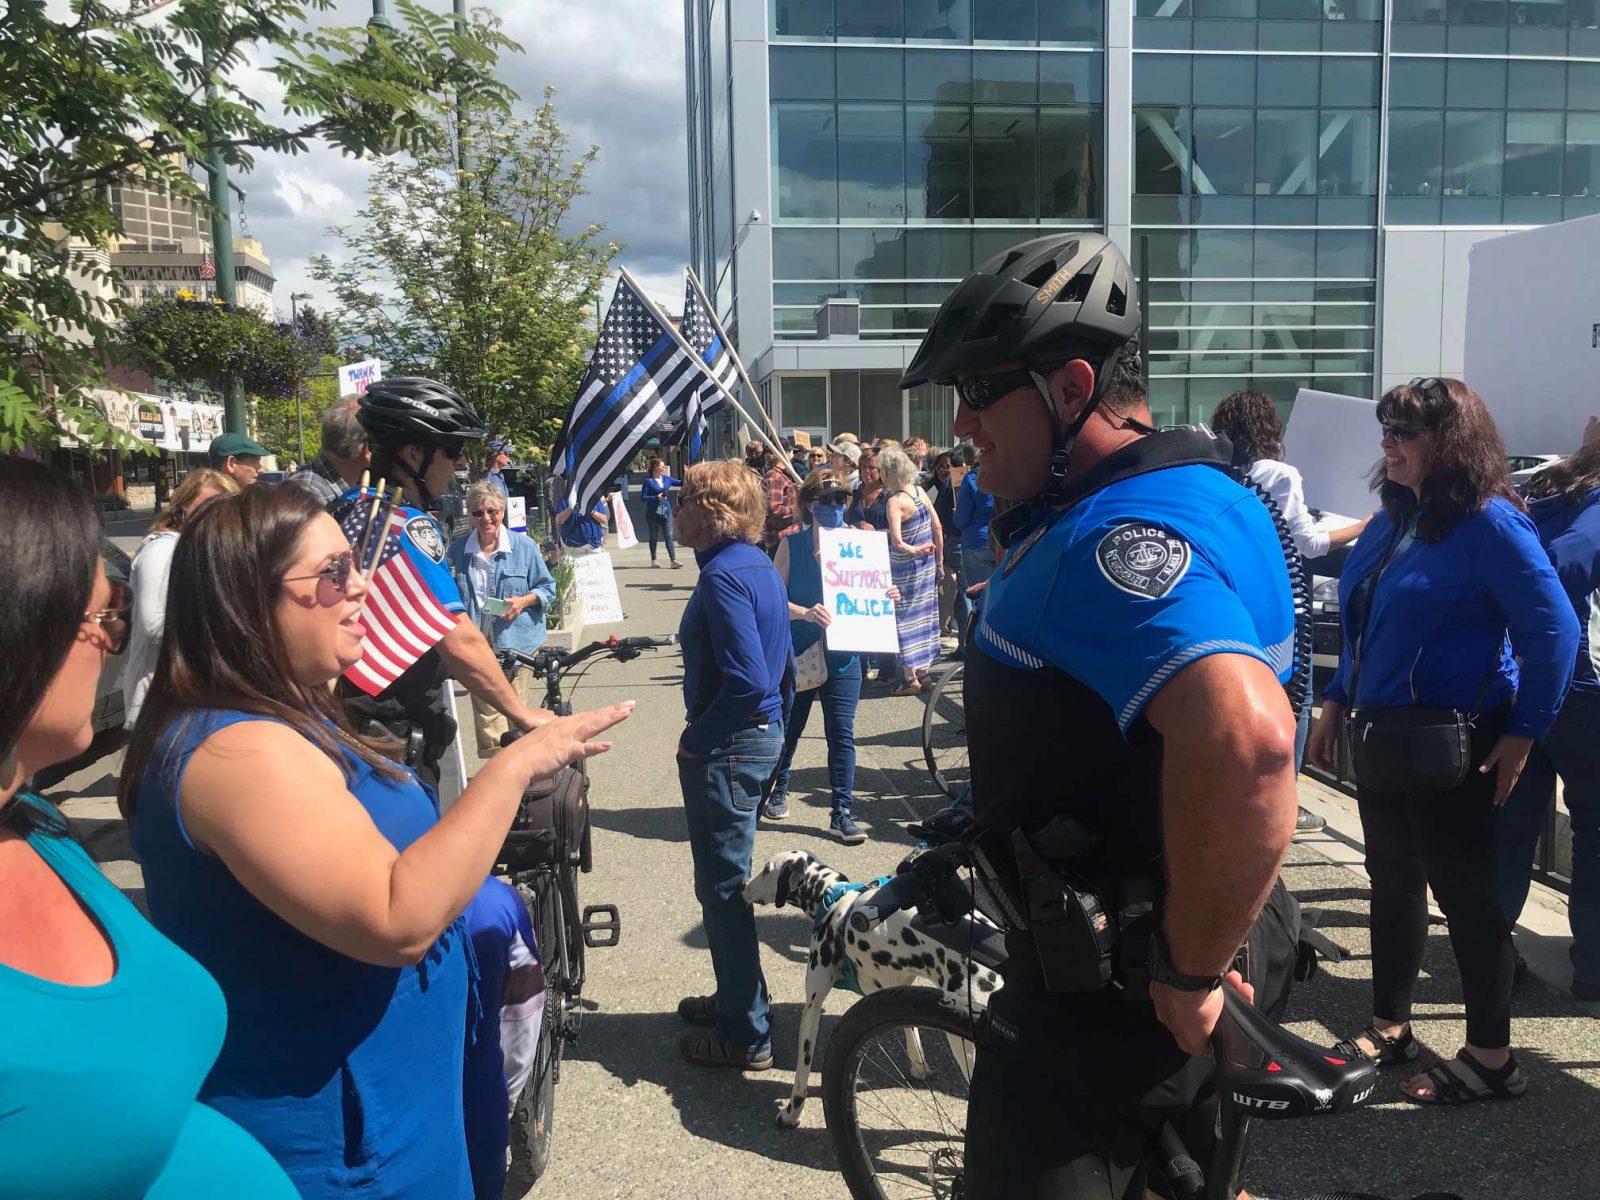 Police rally3